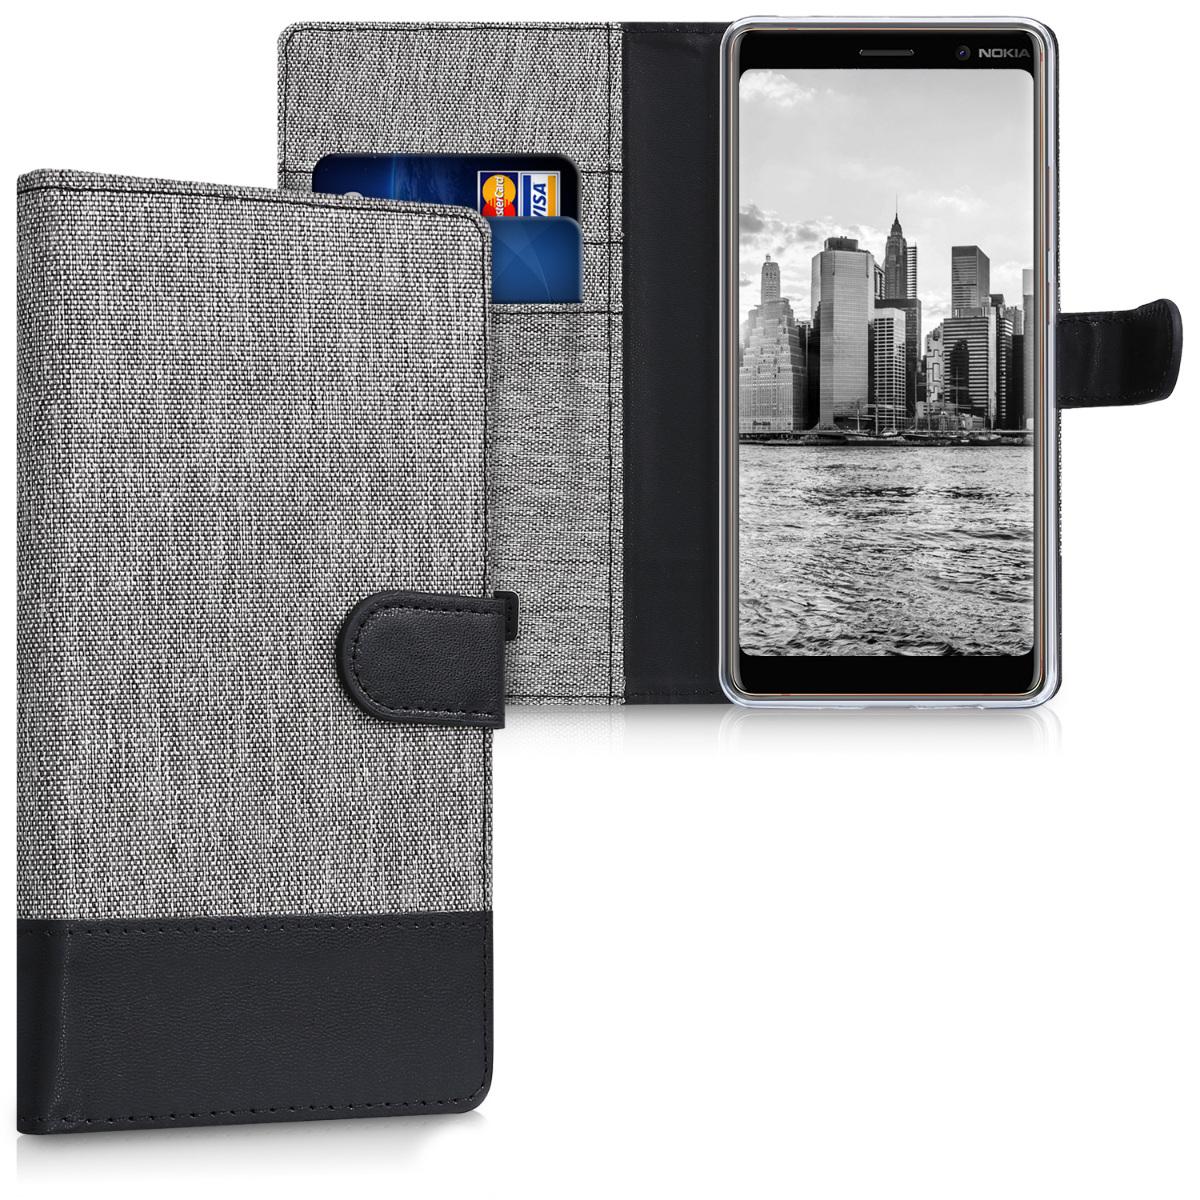 KW Θήκη - Πορτοφόλι Nokia 7 Plus - Grey / Black Canvas (44498.01)